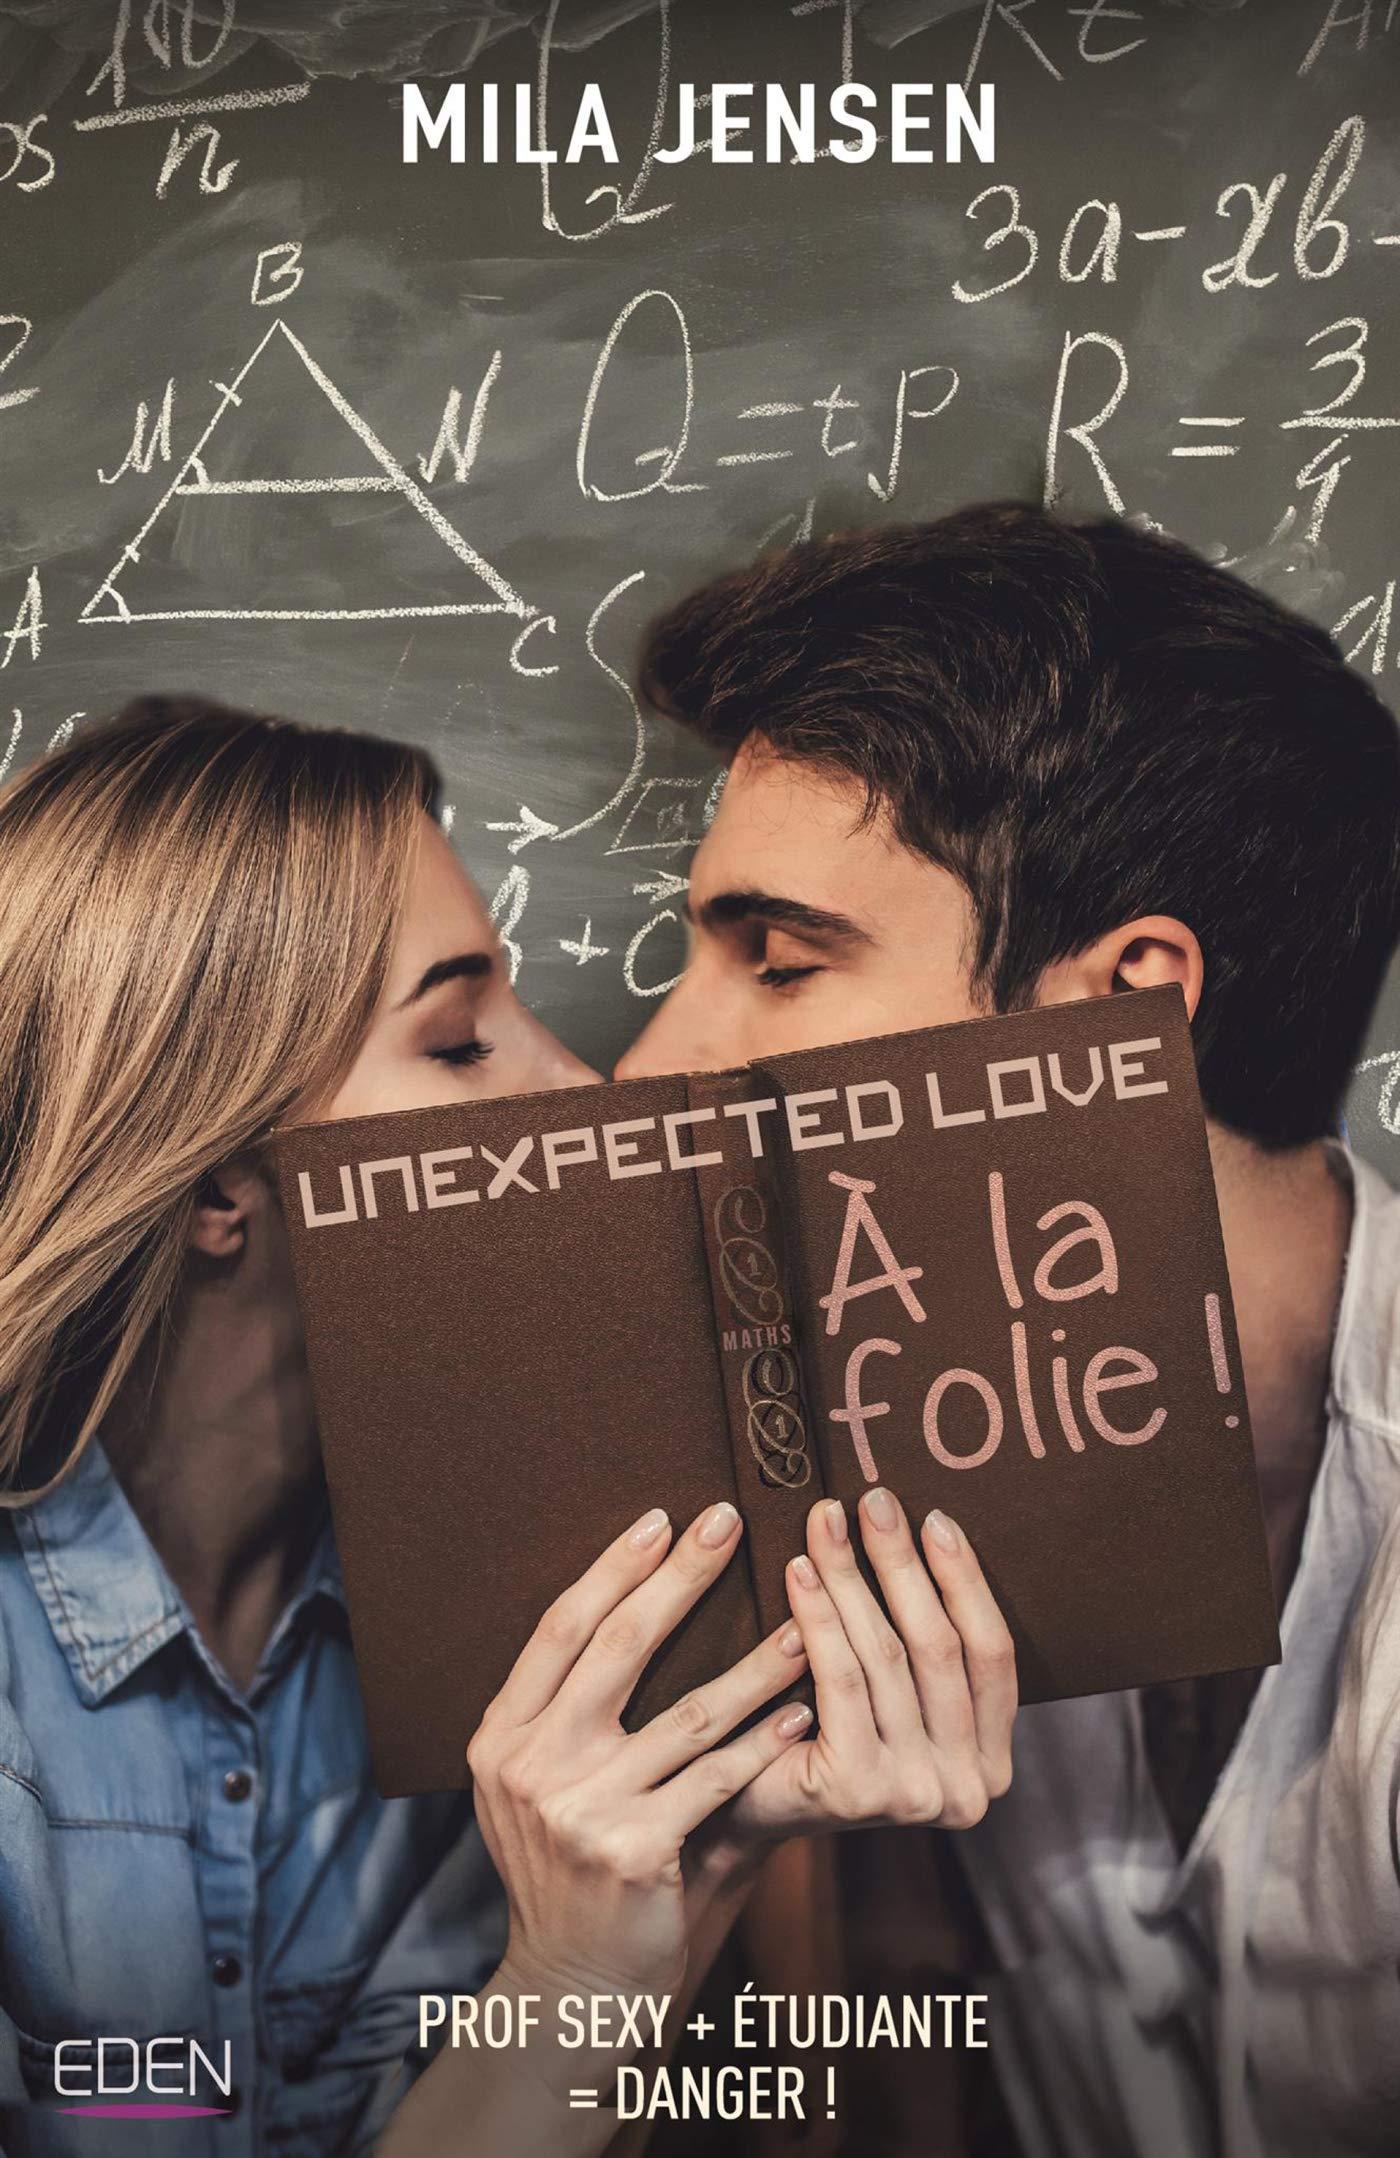 Unexpected love - Tome 1 : À la folie de Mila Jensen 81bacn11